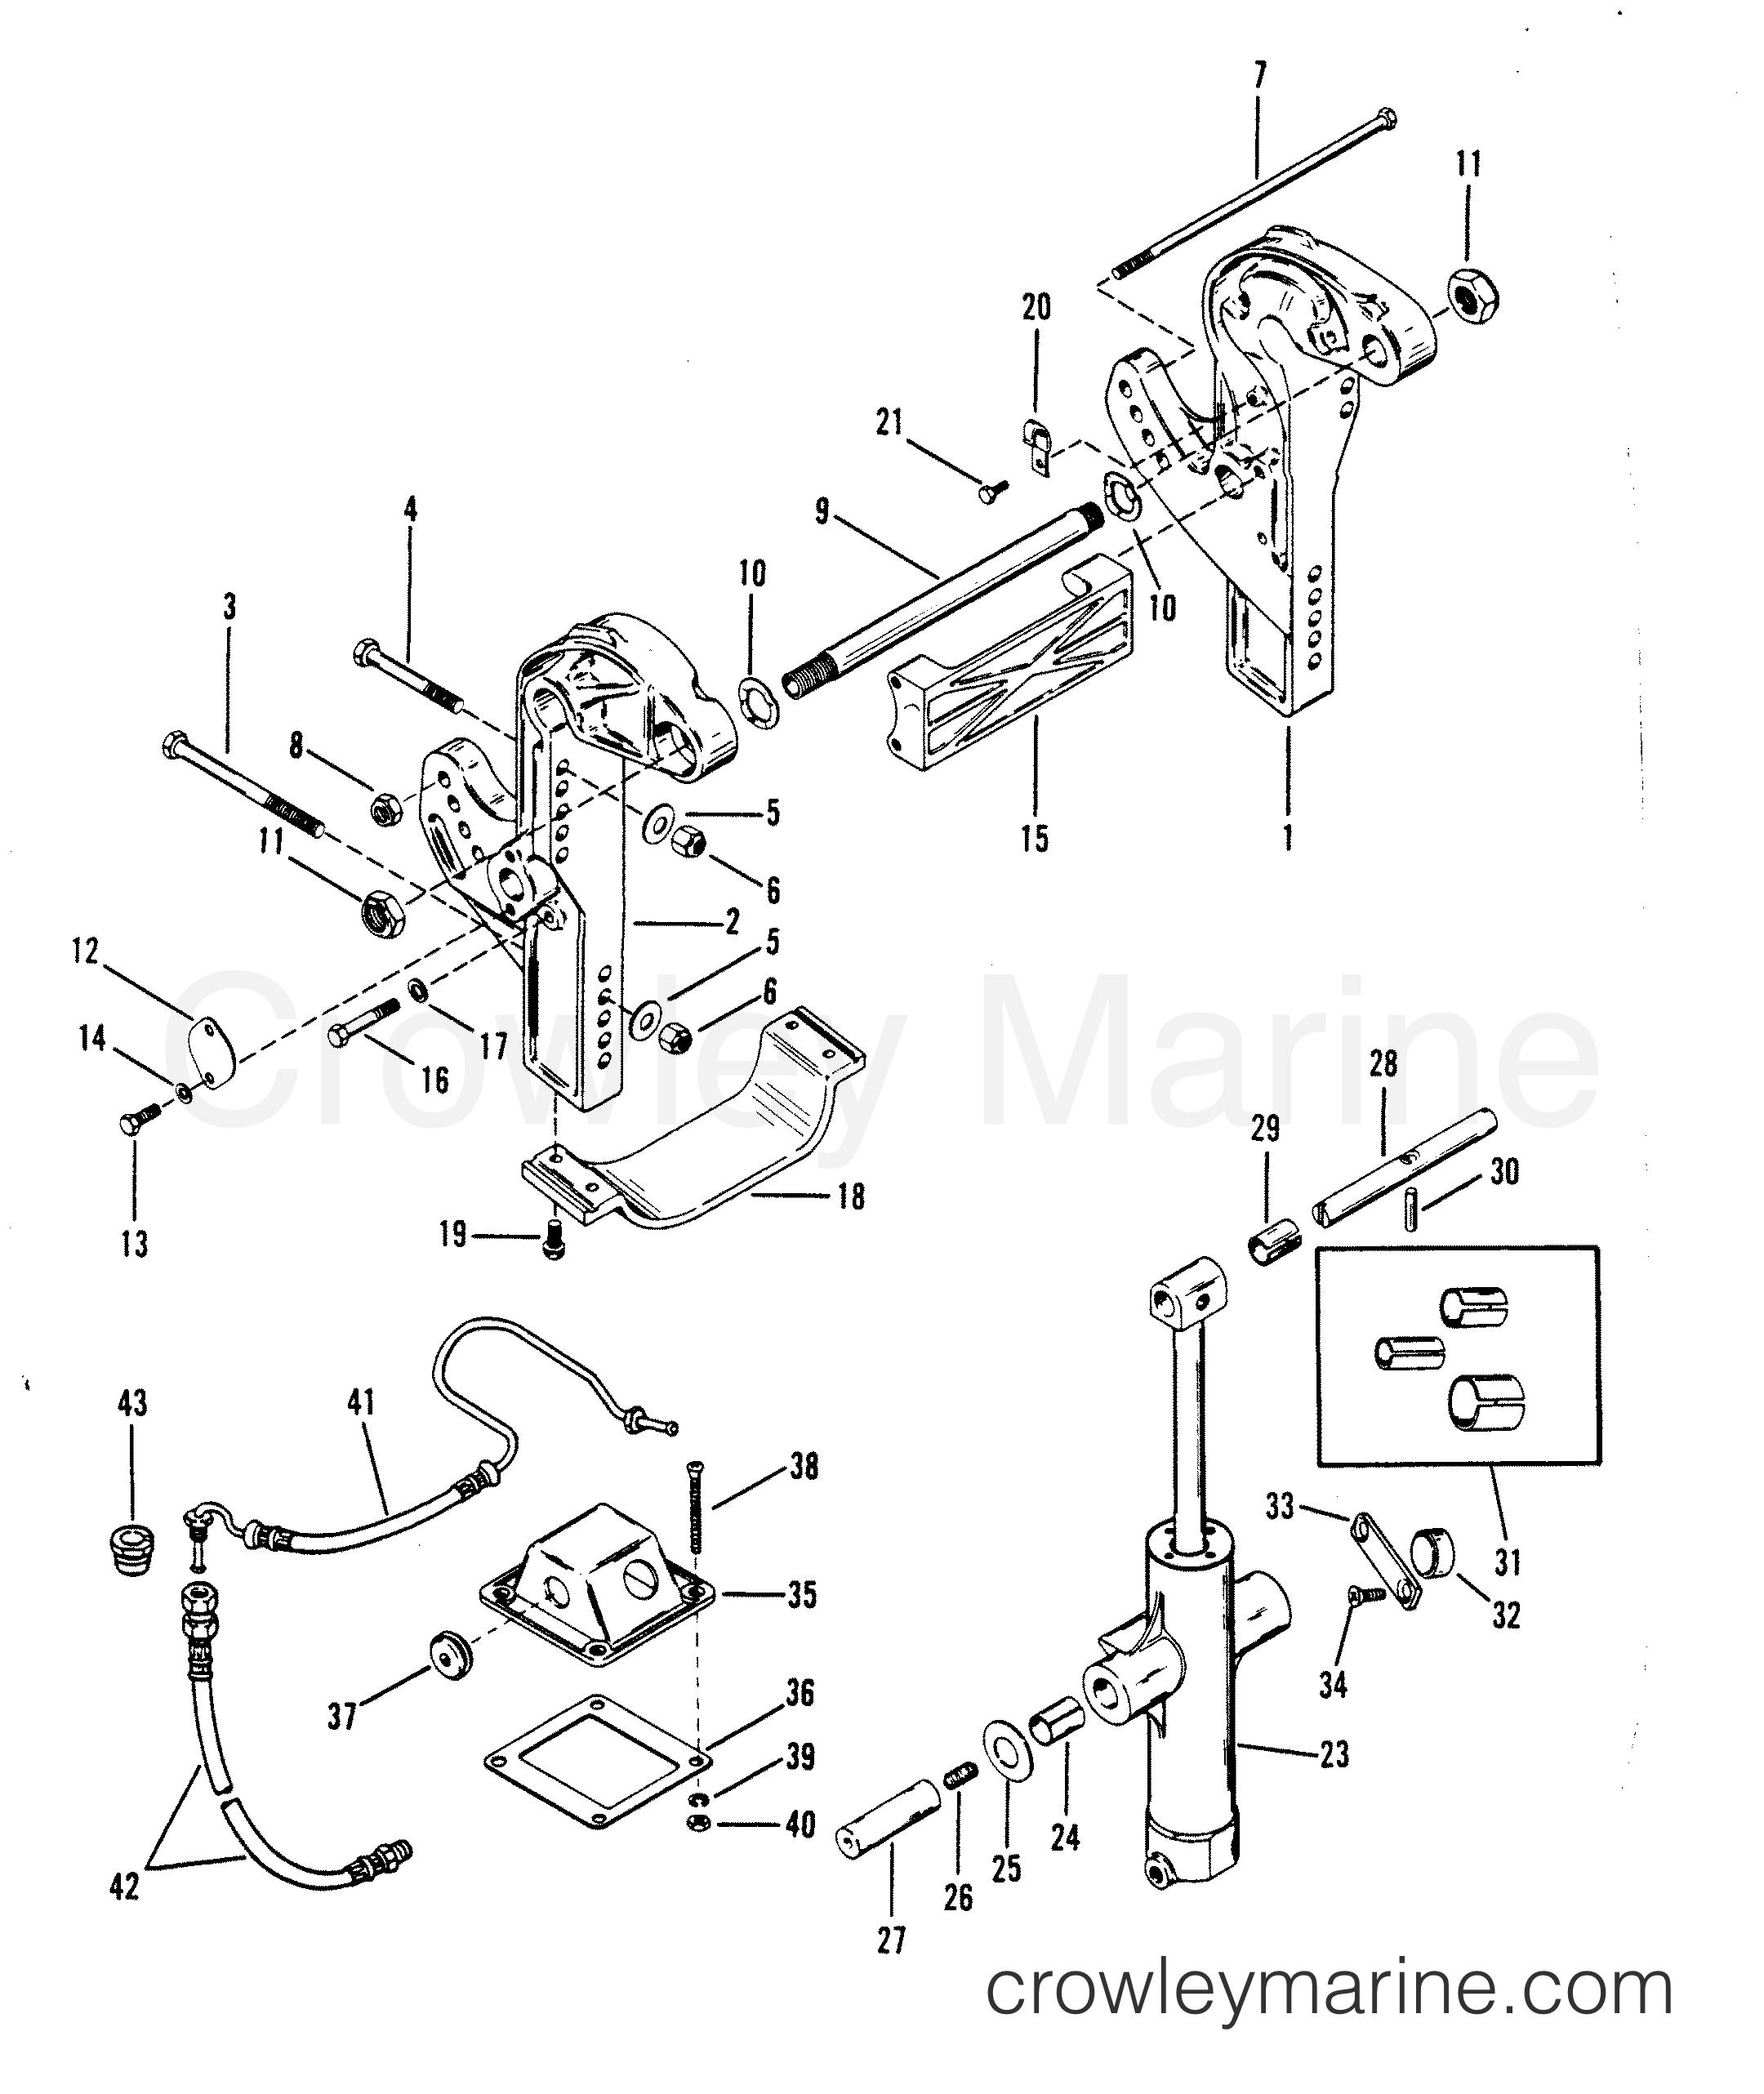 1993 Hors-bord de course Mercury 2.5 [L EFI] - 7925211BH - SUPPORTS DE TABLEAU ARRIÈRE ET CYLINDRE DE RELEVAGE section